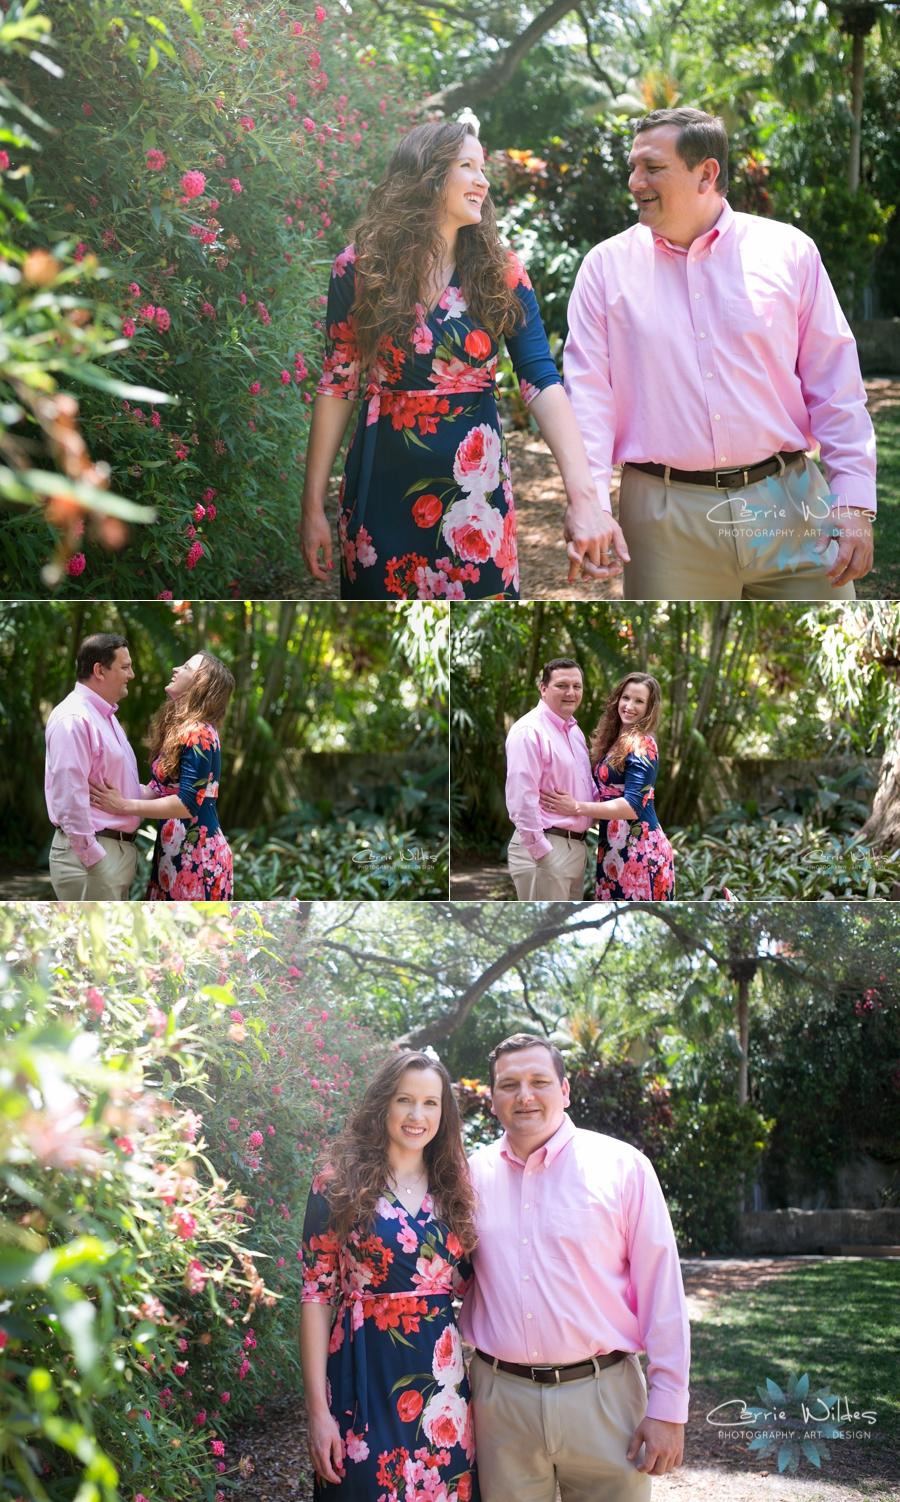 4_30_17 Sunken Gardens Engagement Session_0001.jpg